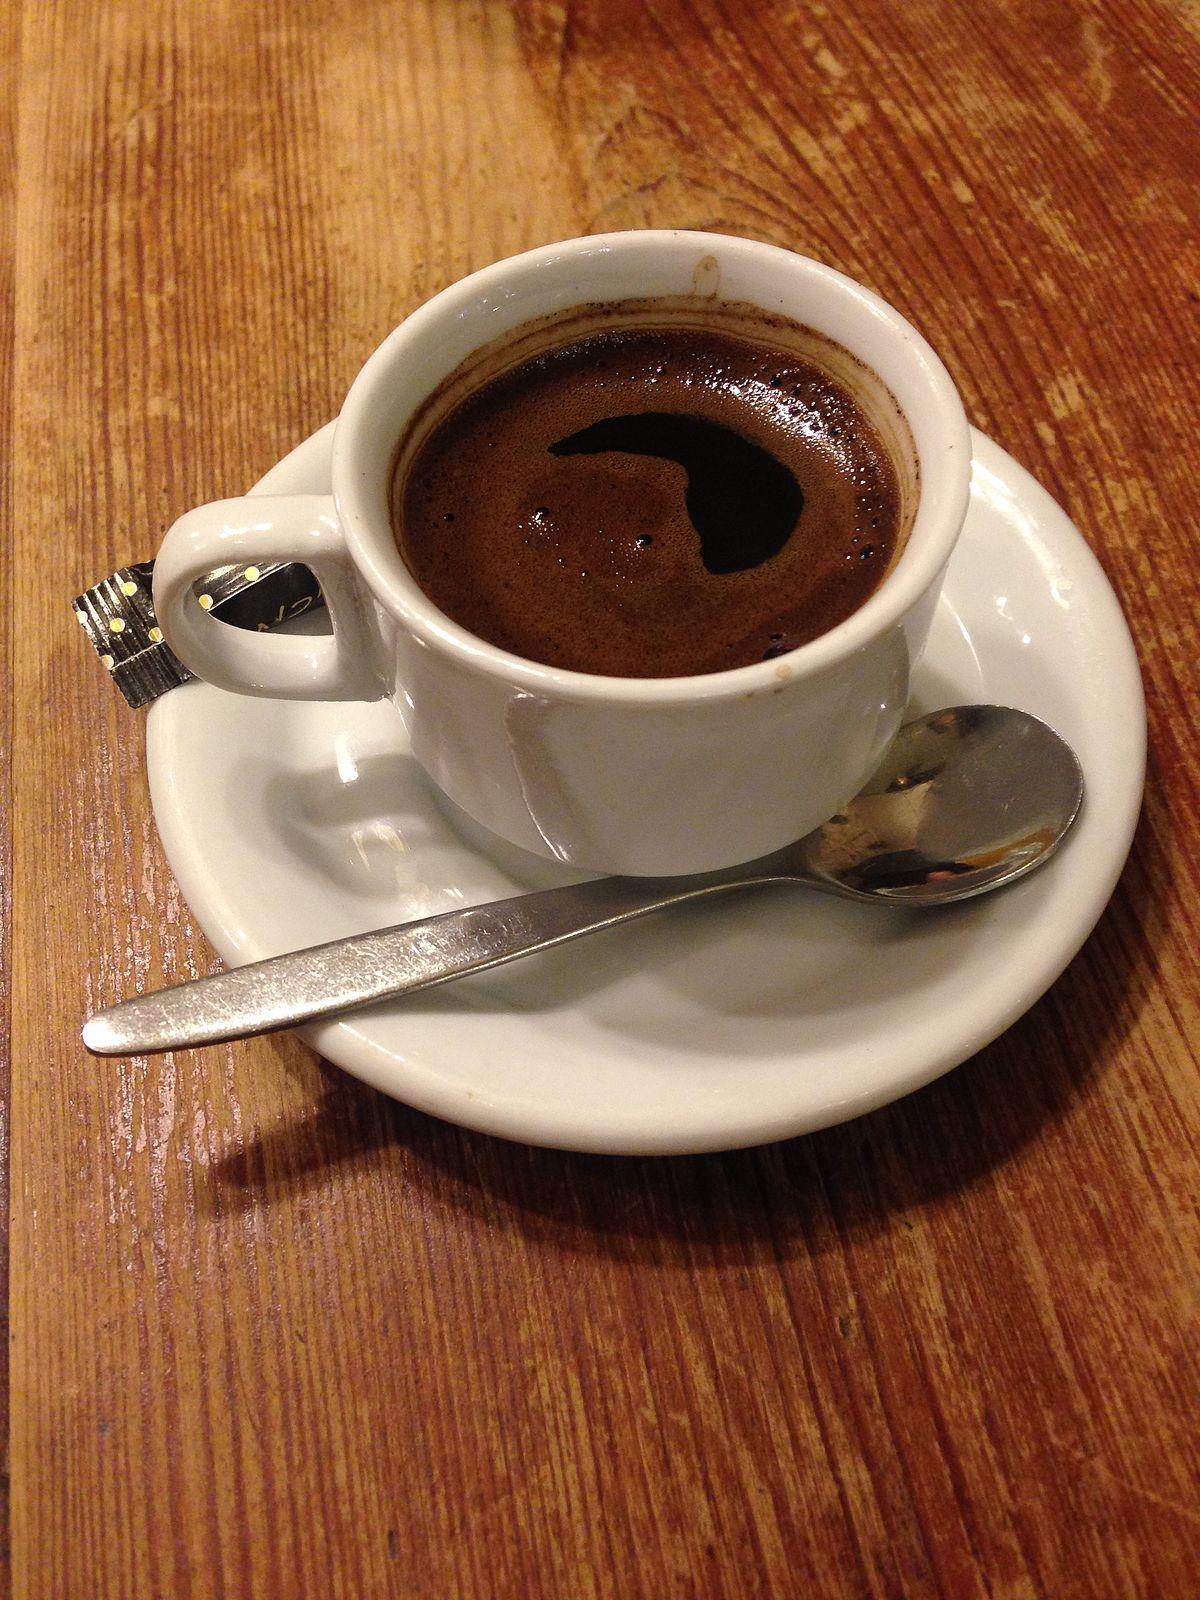 Հայկական սուրճ - Վիքիպեդիա՝ ազատ հանրագիտարան